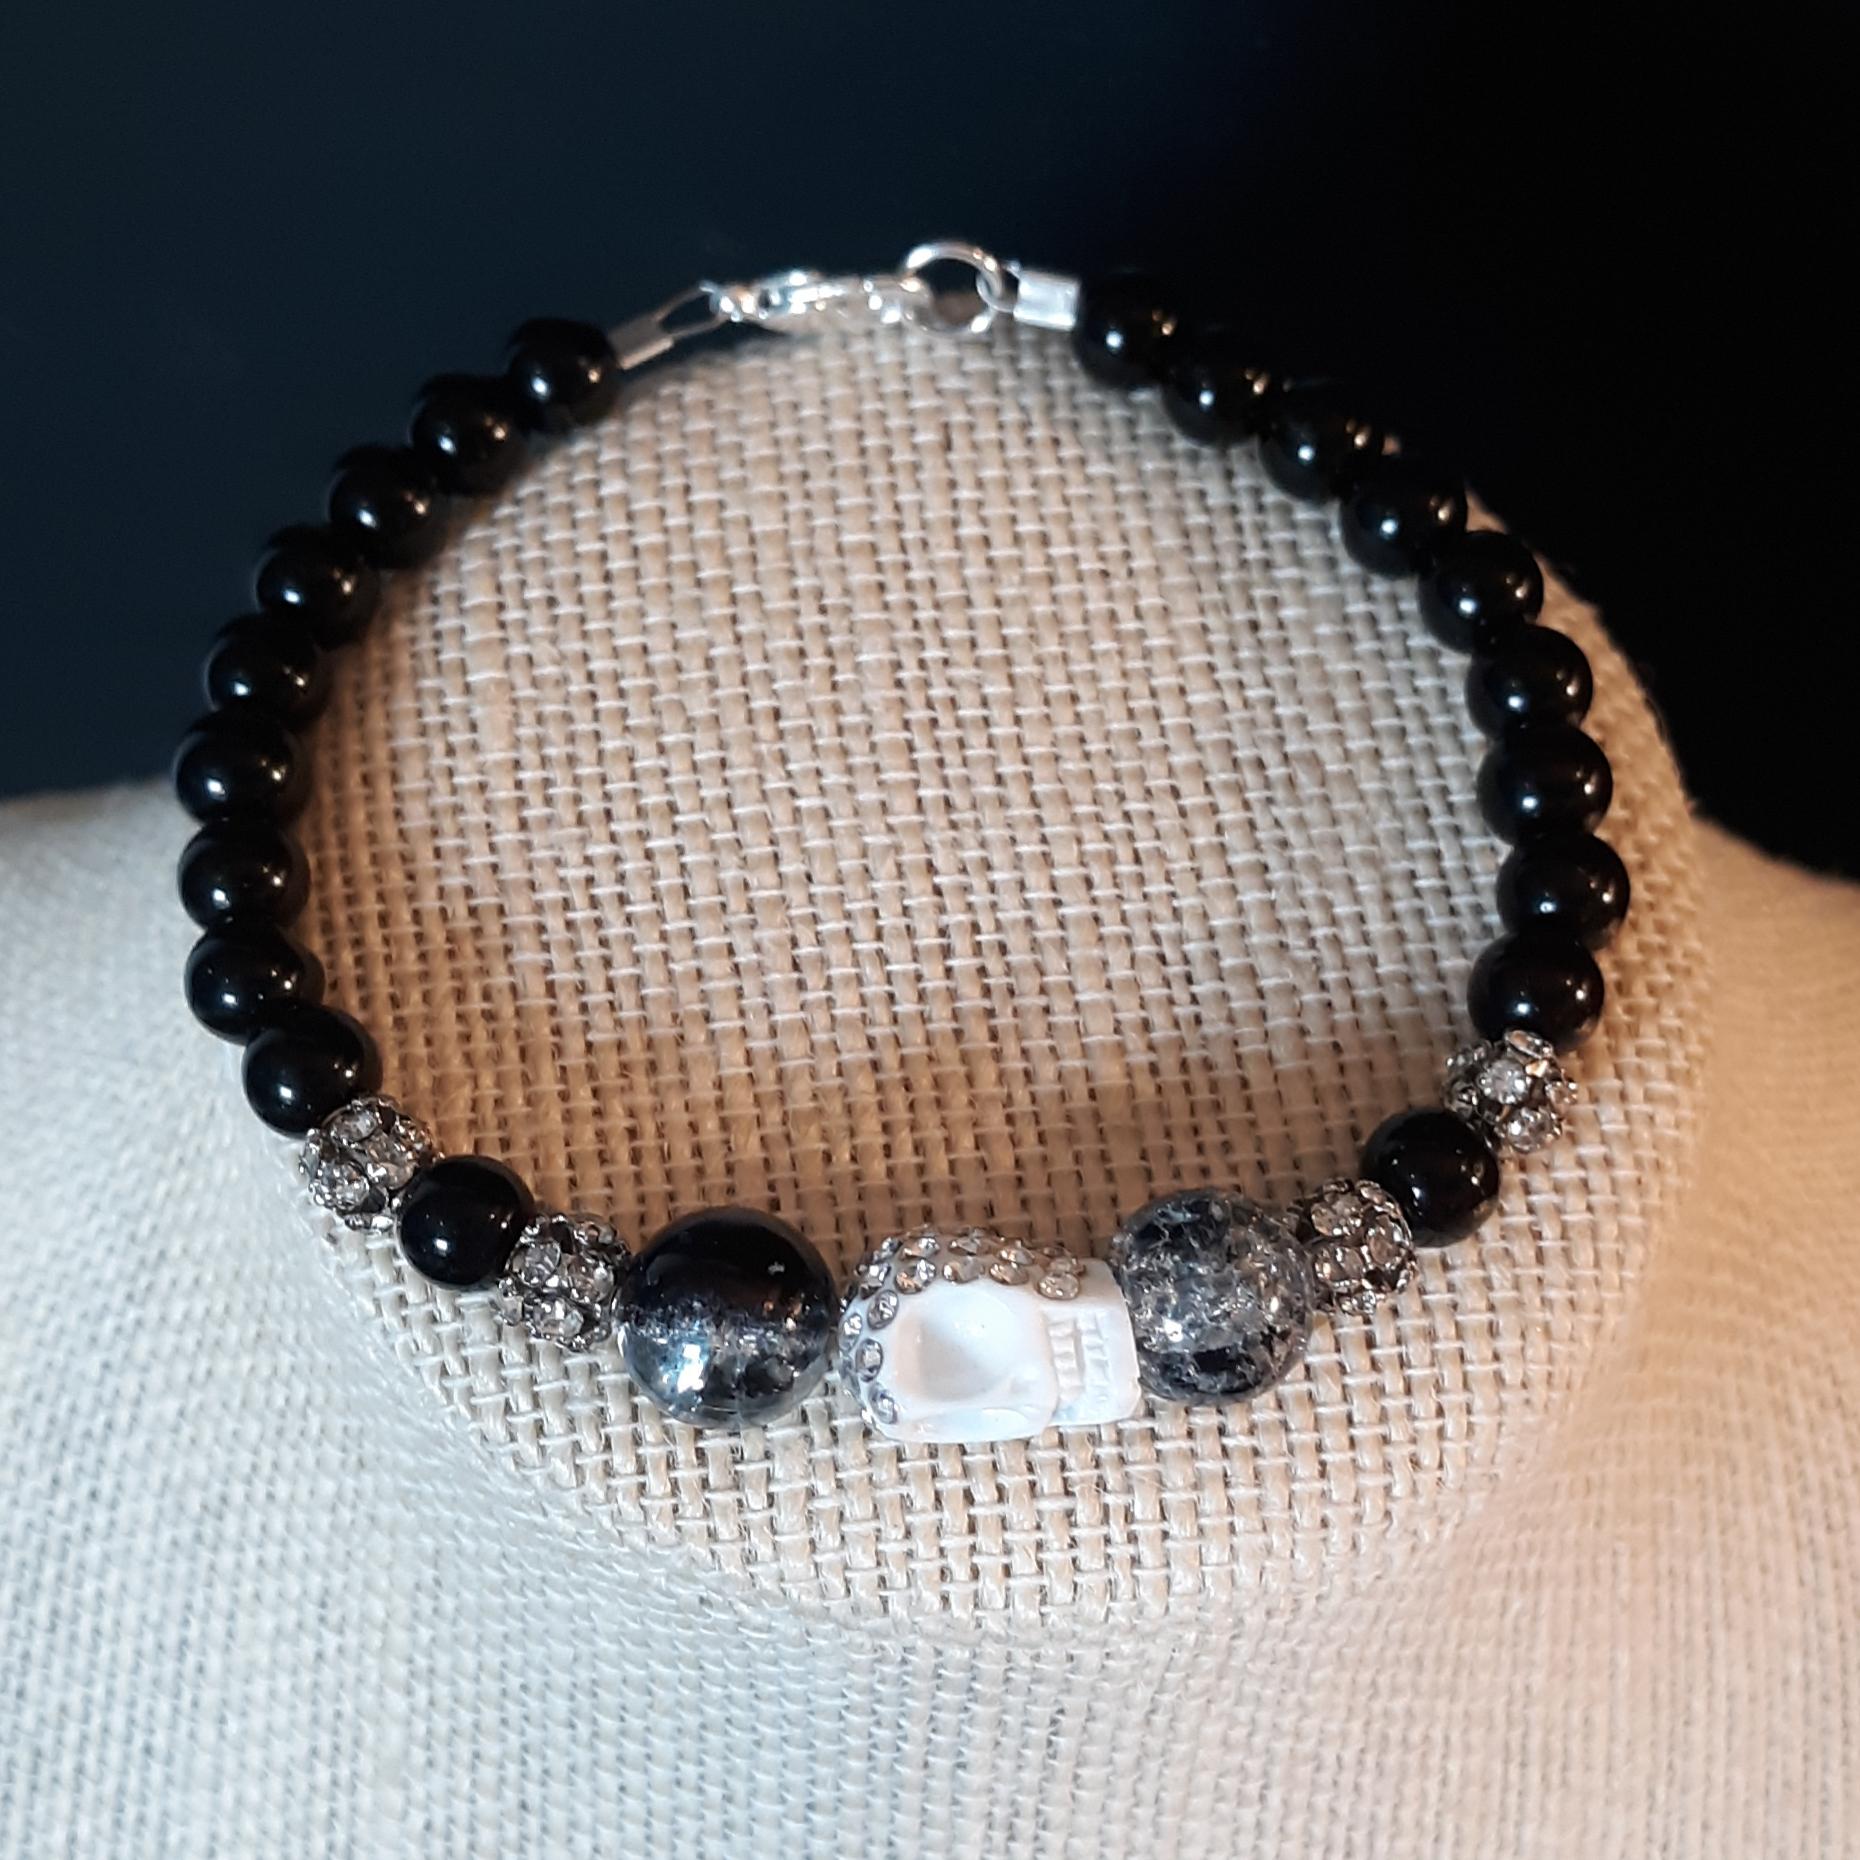 839 - rhinestone skull bracelet 7-12